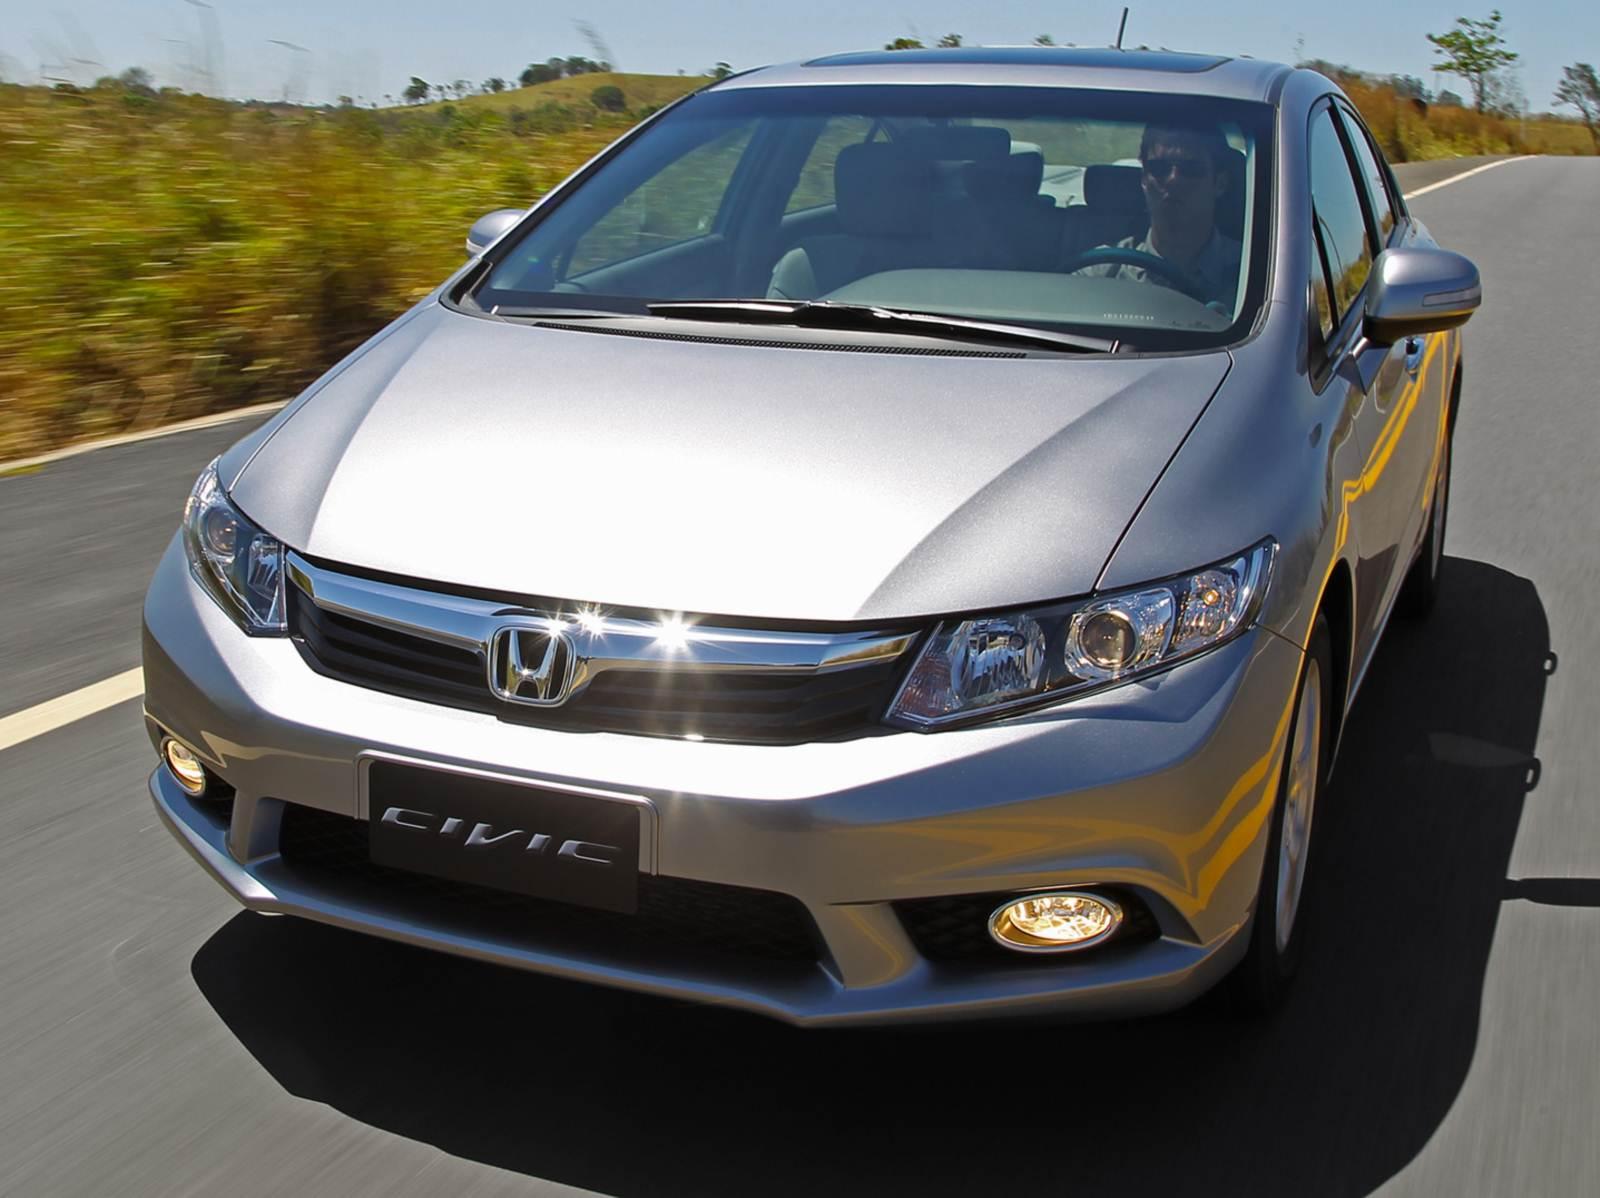 Honda Civic 2014 - preços